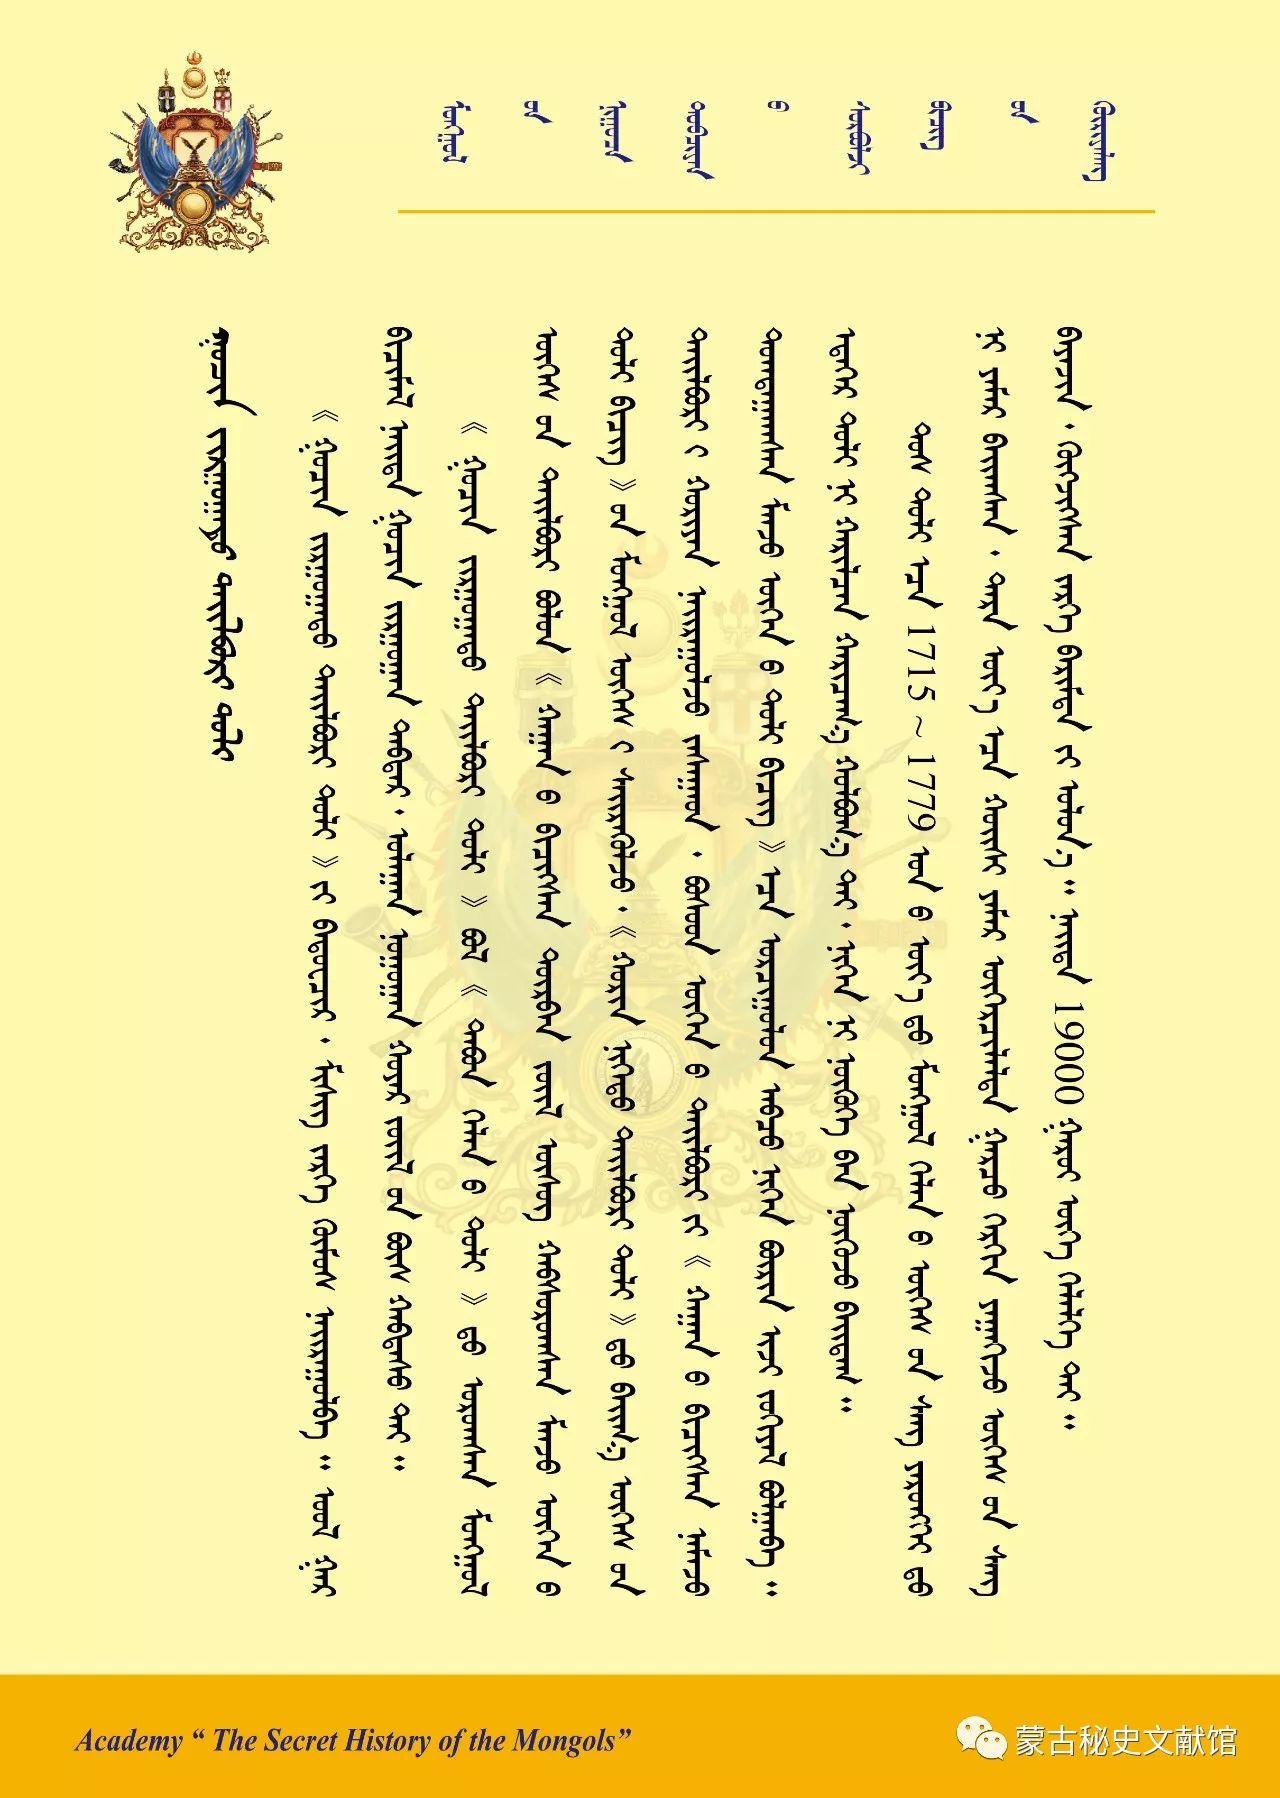 【蒙古文】三十六卷本辞典